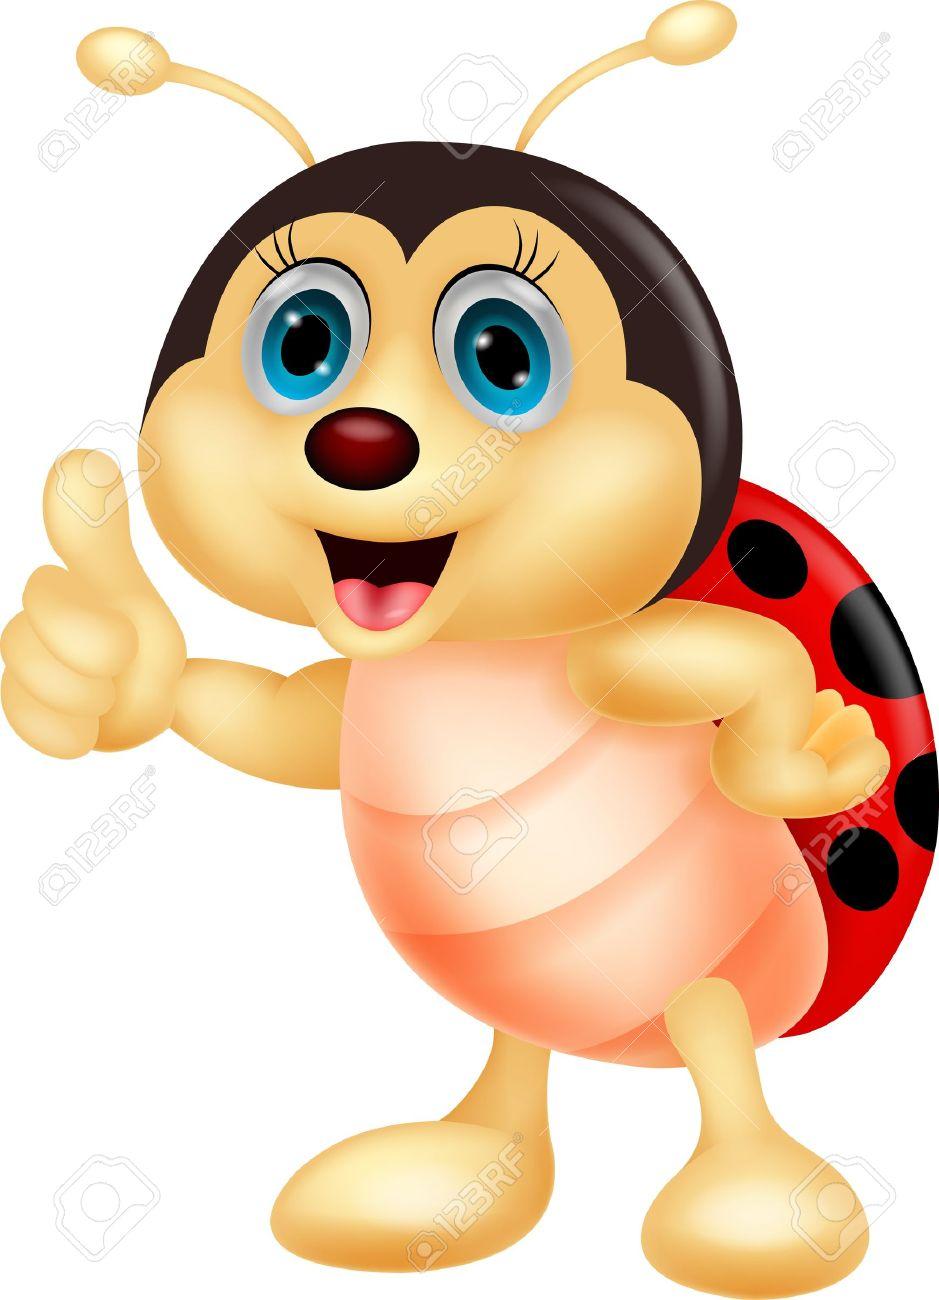 2190 Ladybug free clipart.